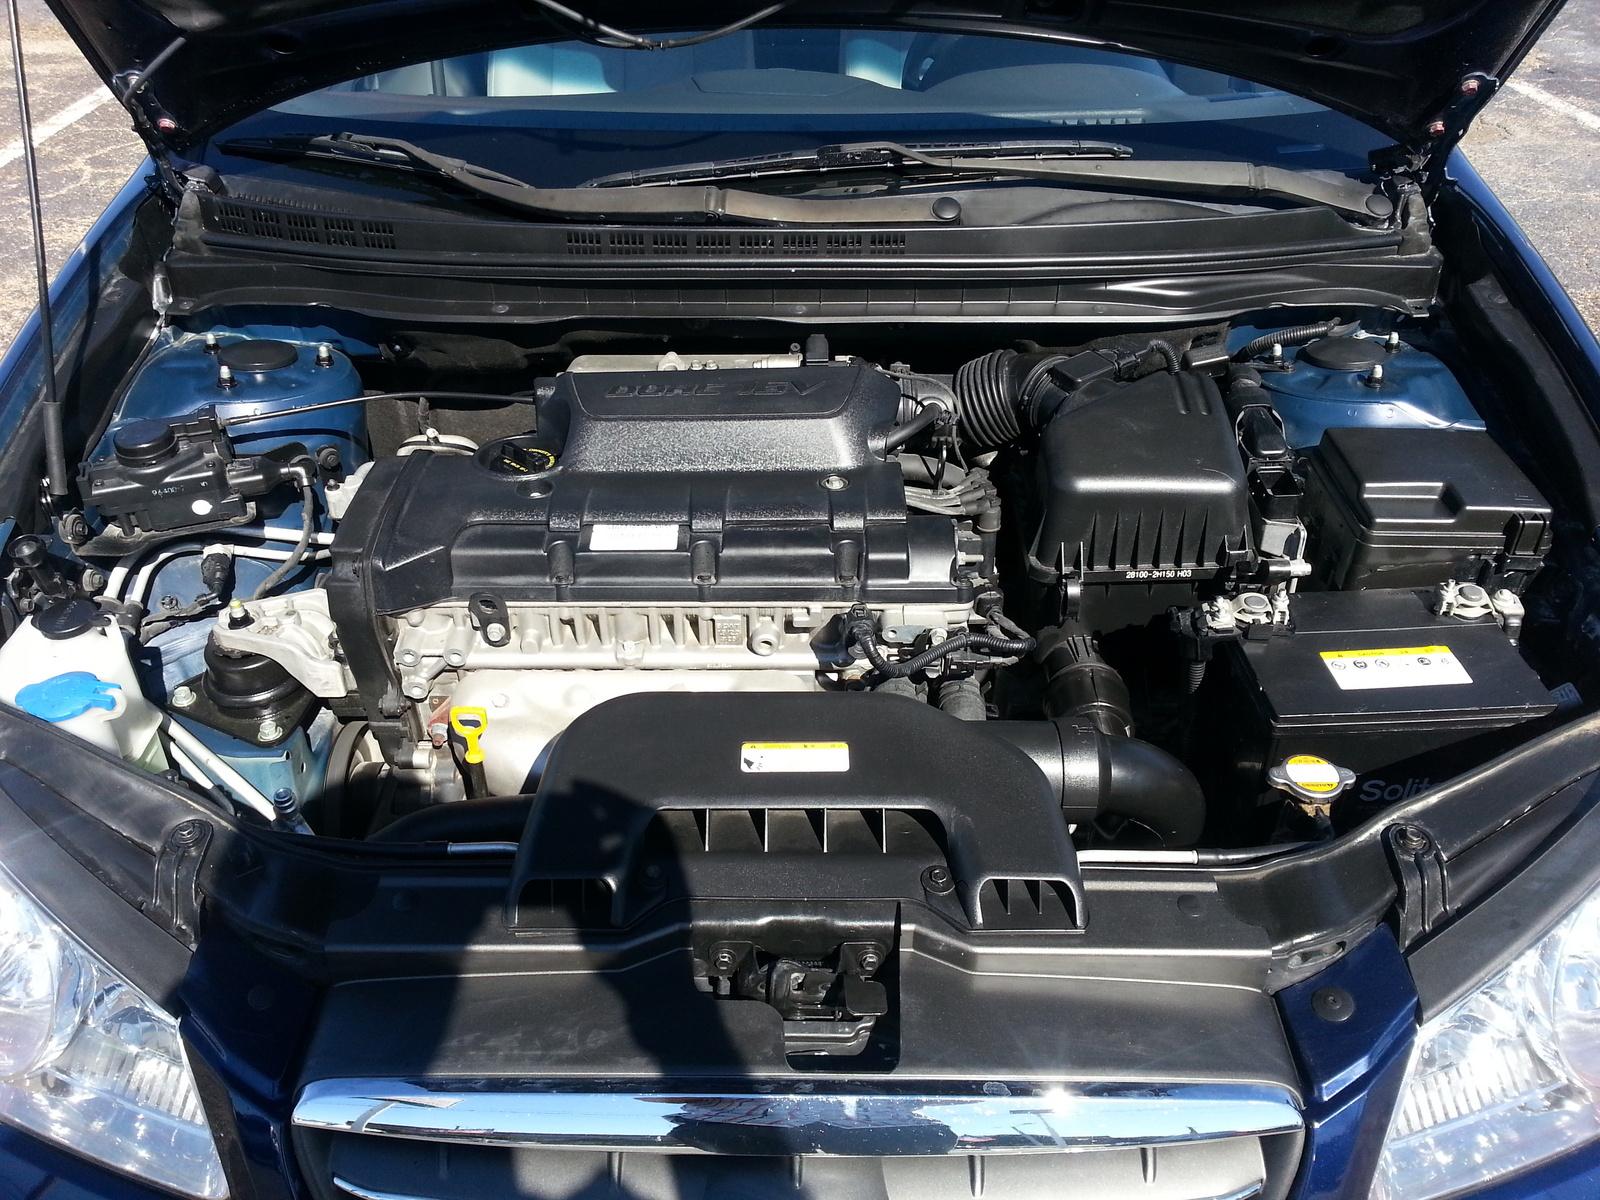 2008 Hyundai Elantra Other Pictures Cargurus